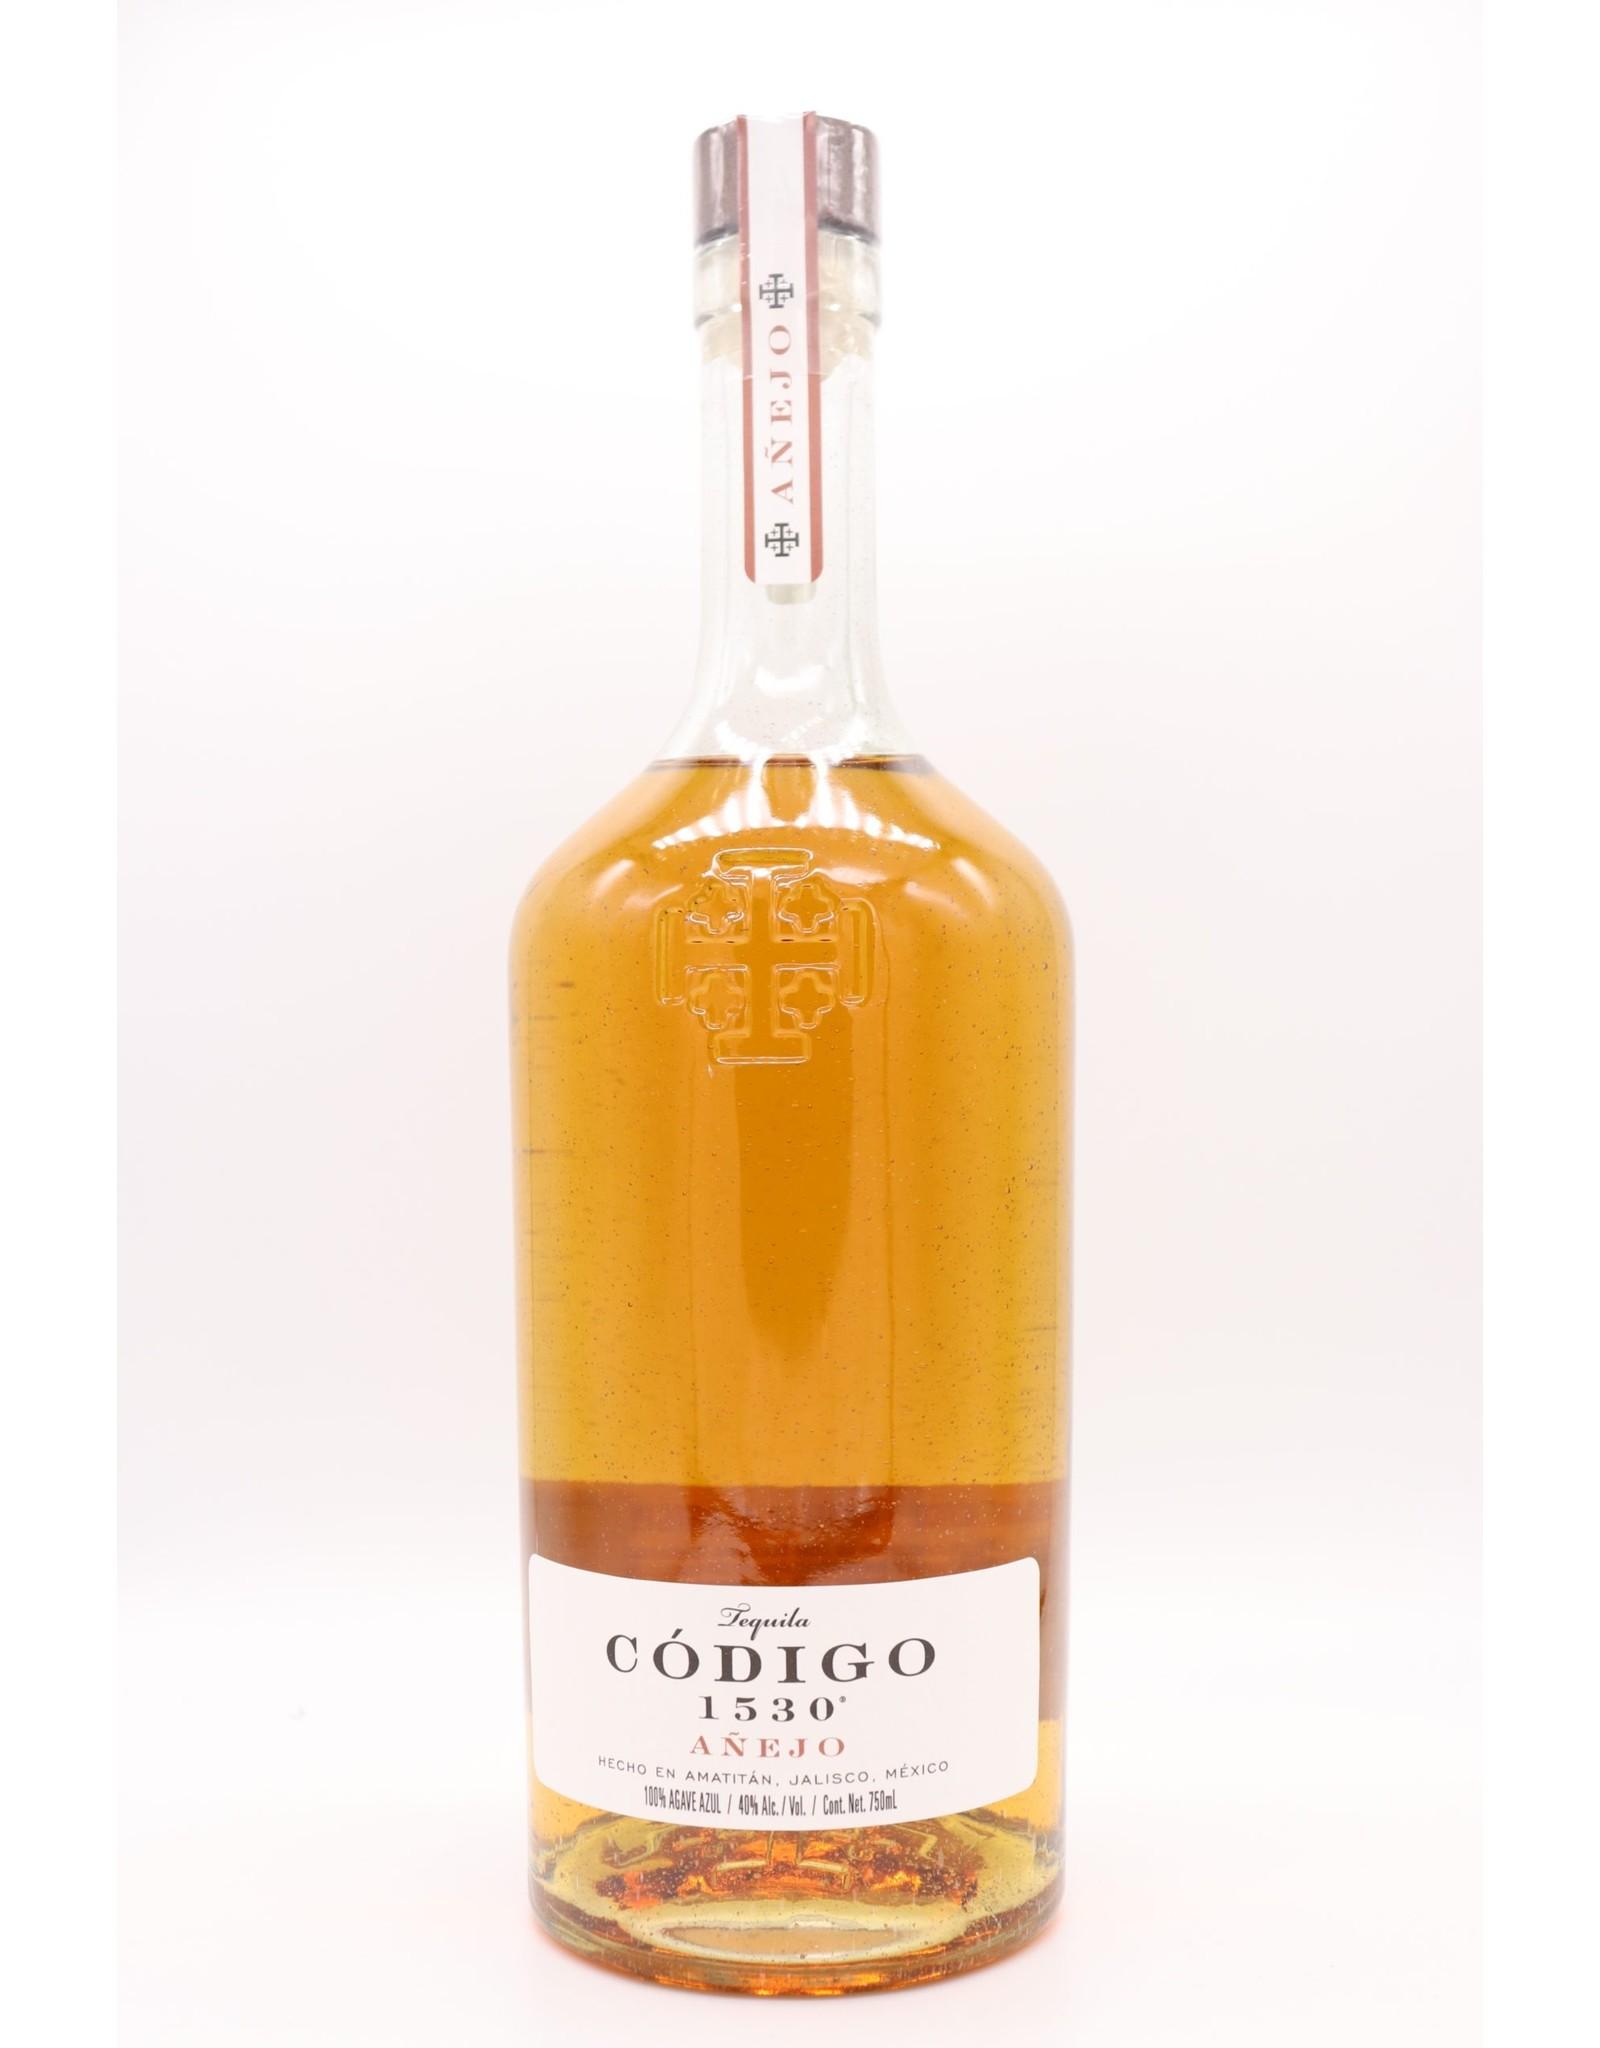 Codigo 1530 Anejo